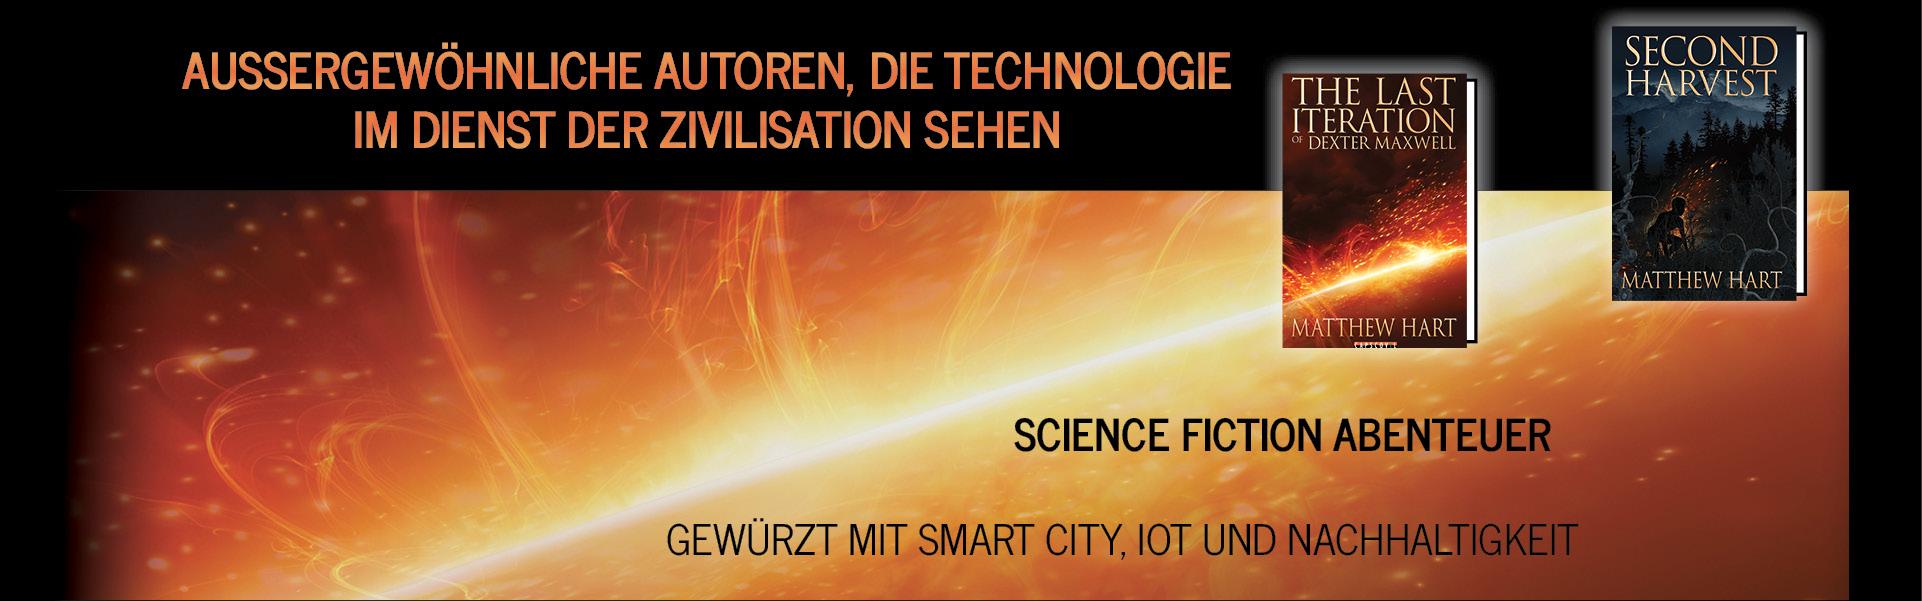 The Last Iteration Science Fiction Roman Serie gewürzt mit Smart City Internet der Dinge Nachhaltigkeit